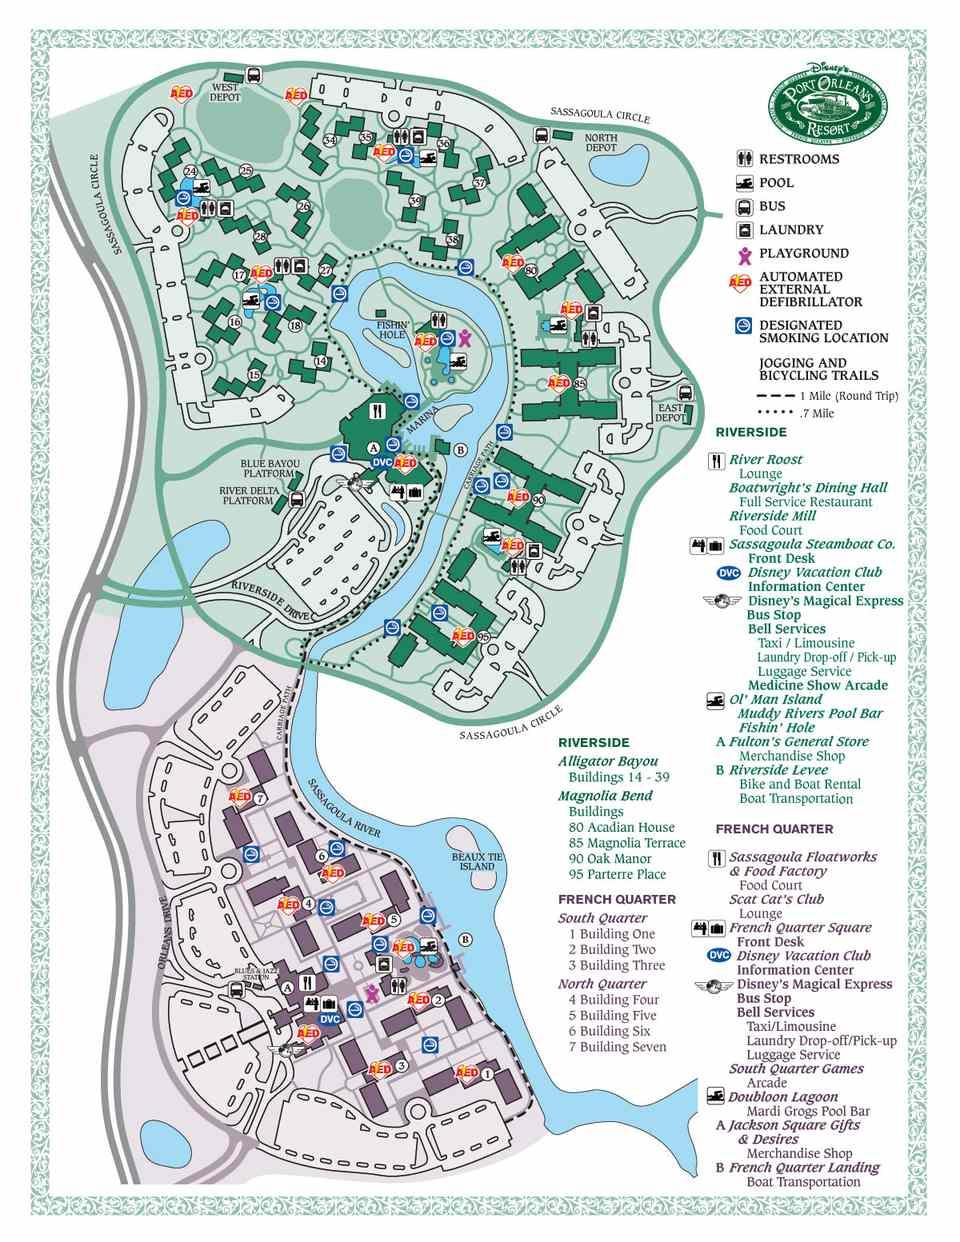 Disney World Maps For Each Resort - Us Quarter Map Printable